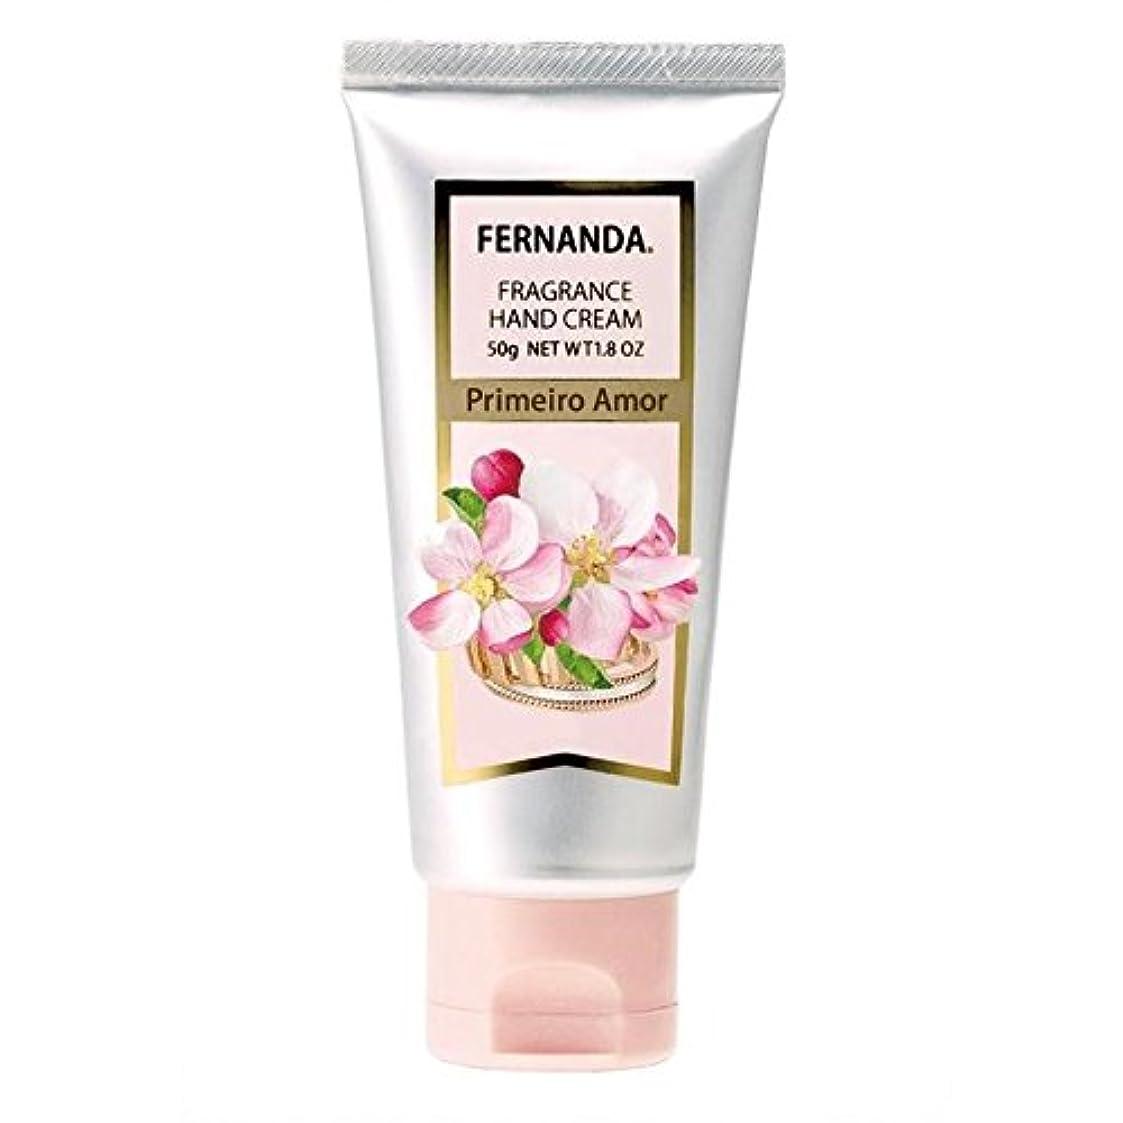 呼吸想像力マントルFERNANDA(フェルナンダ) Hand Cream Primeiro Amor(ハンドクリーム プリメイロアモール)